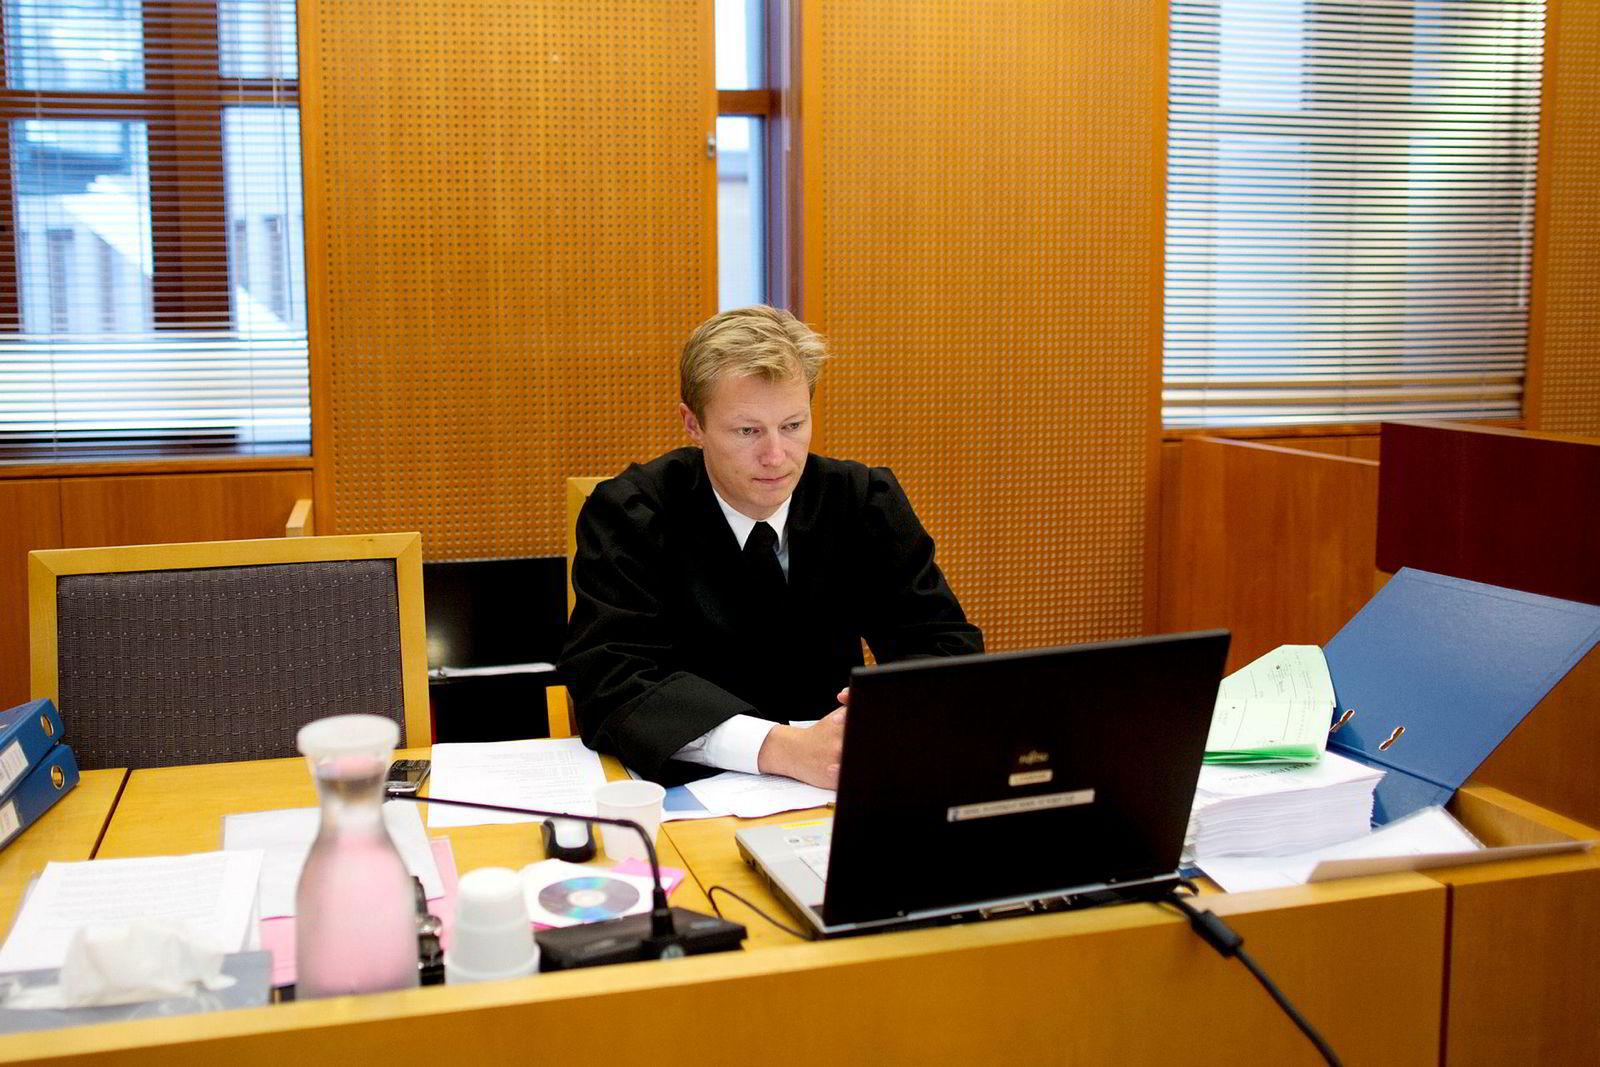 Politiadvokat Ole Rasmus Knudsen er frustrert over lovendringen, og mener det har store følger.